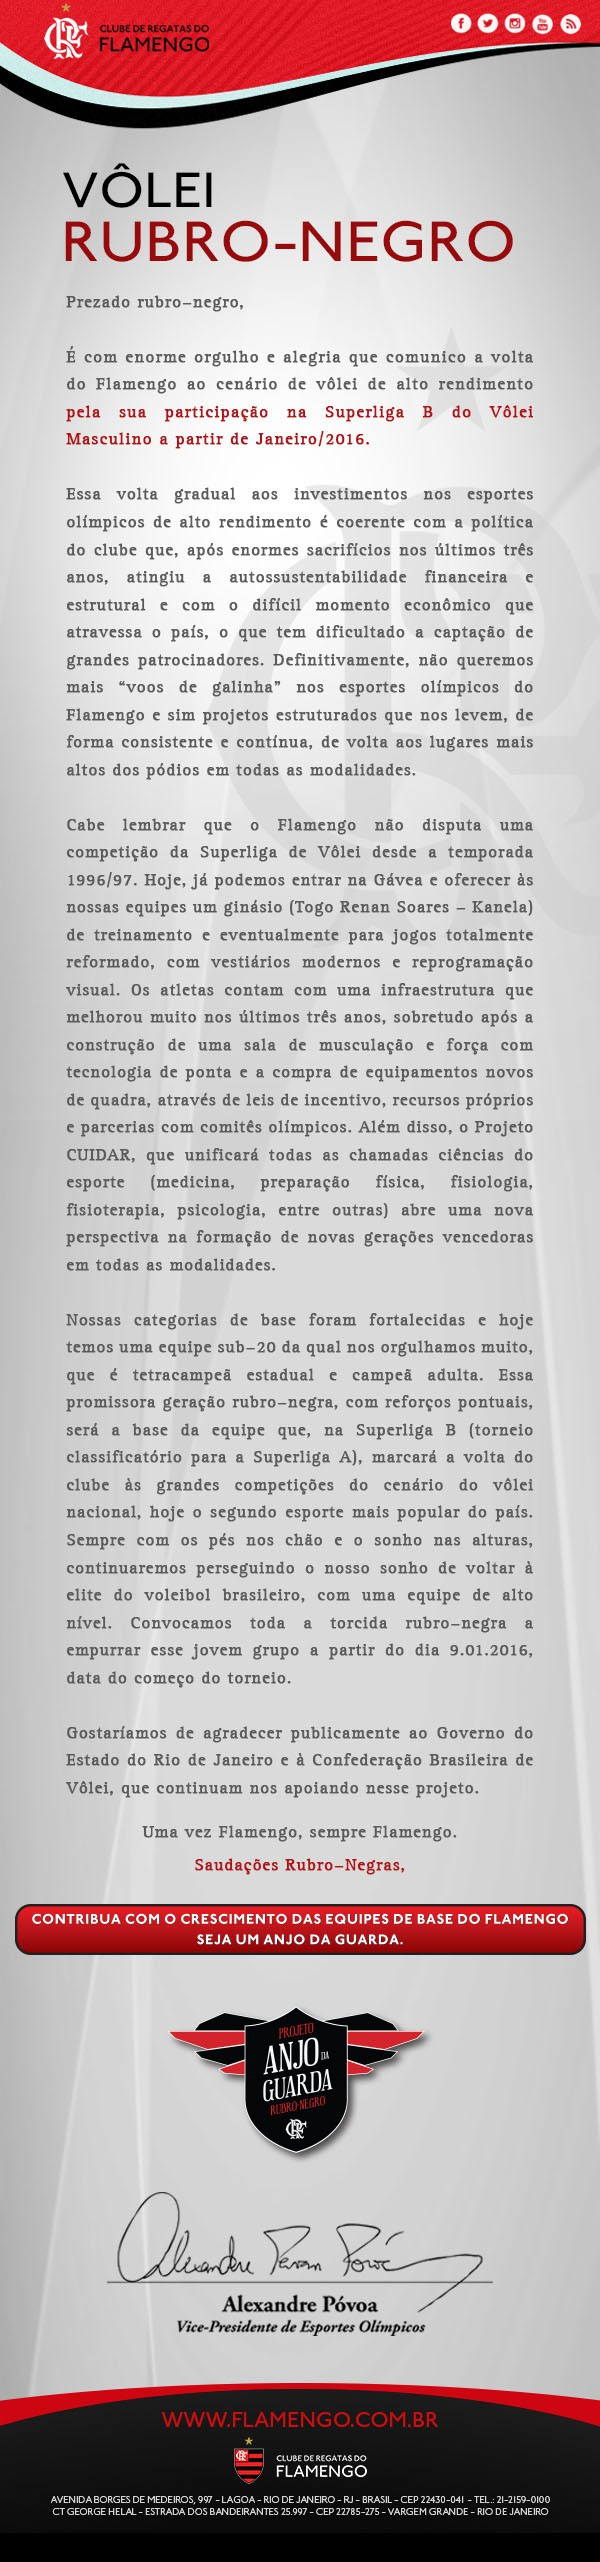 vôlei flamengo comunicado alexandre póvoa (Foto: Reprodução / Flamengo)